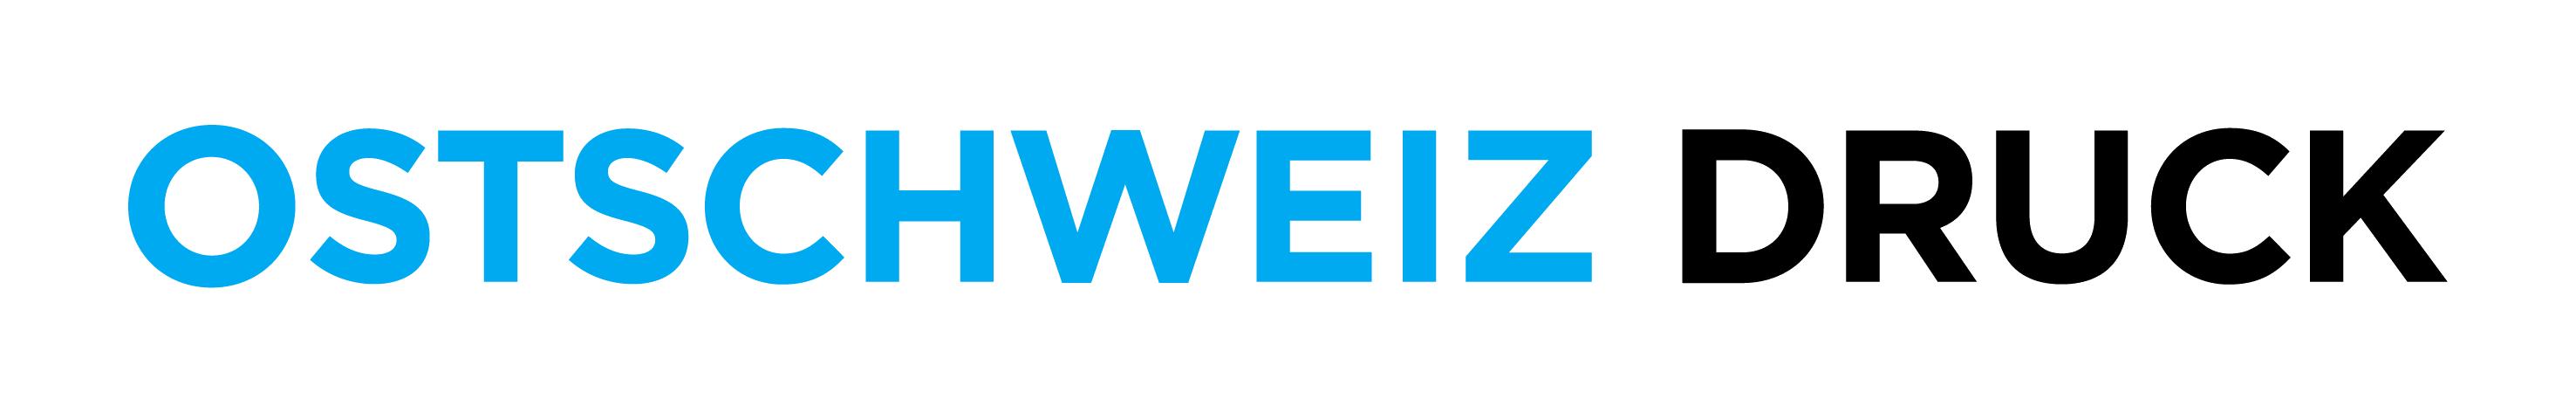 http://www.ostschweizdruck.ch